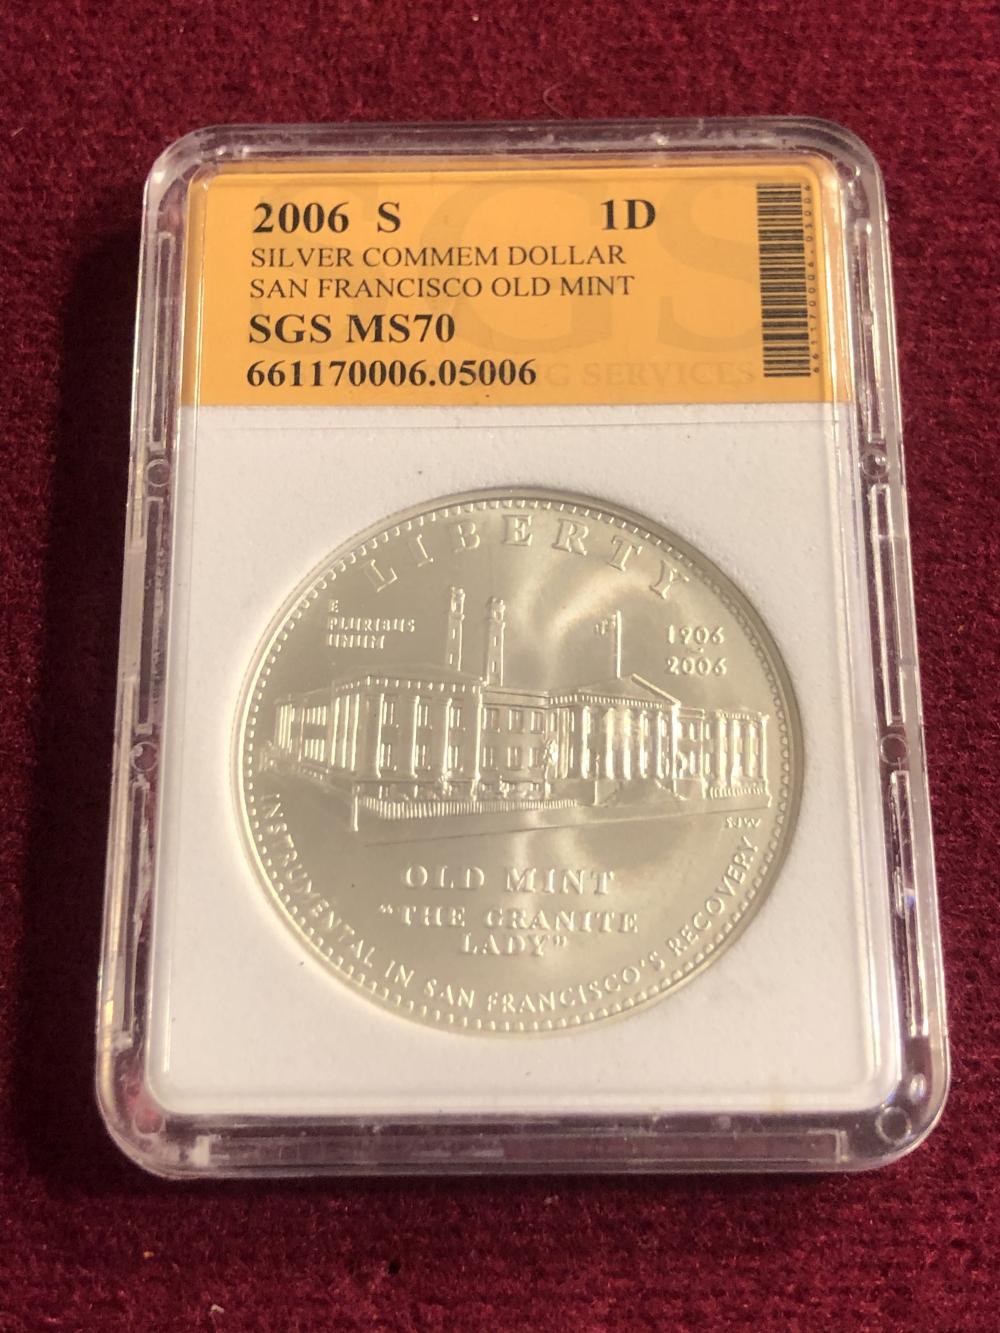 Graded 2006-S silver commemorative dollar coin